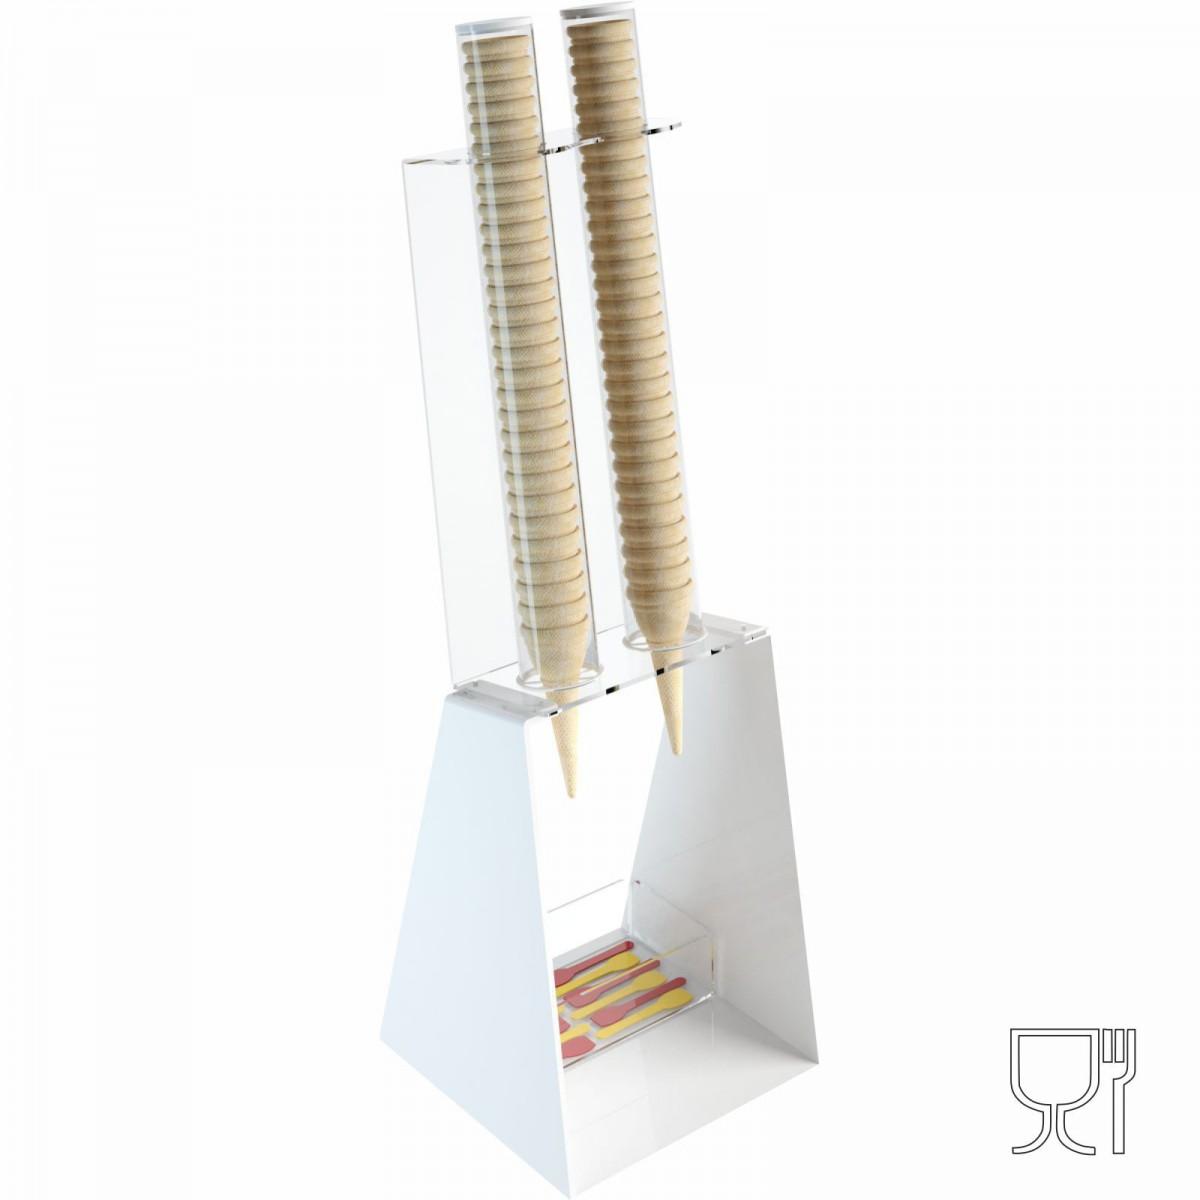 Porta coni gelato da banco in plexiglass bianco con porta cucchiaini - CM(LxPxH): 25x26x81